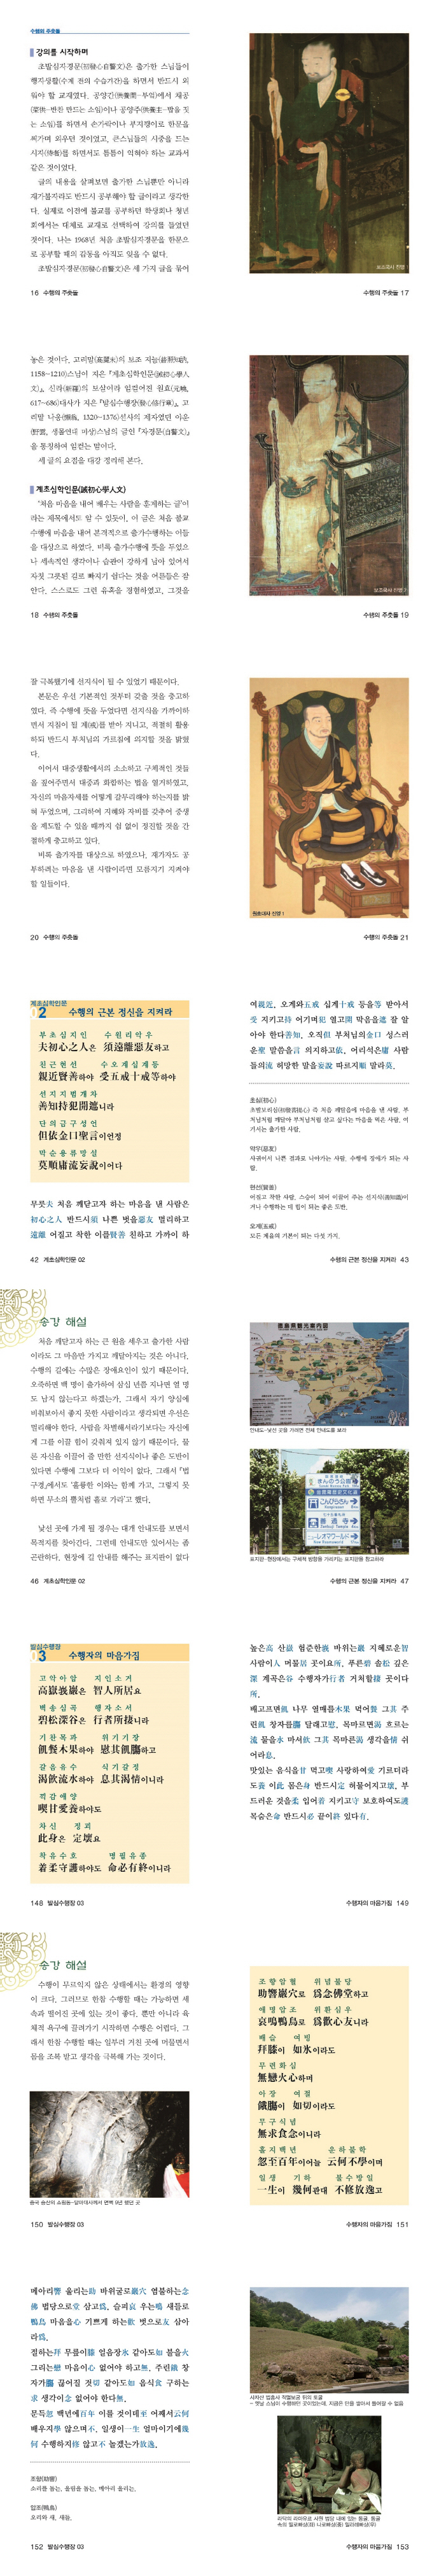 초발심자경문(양장본 HardCover) 도서 상세이미지